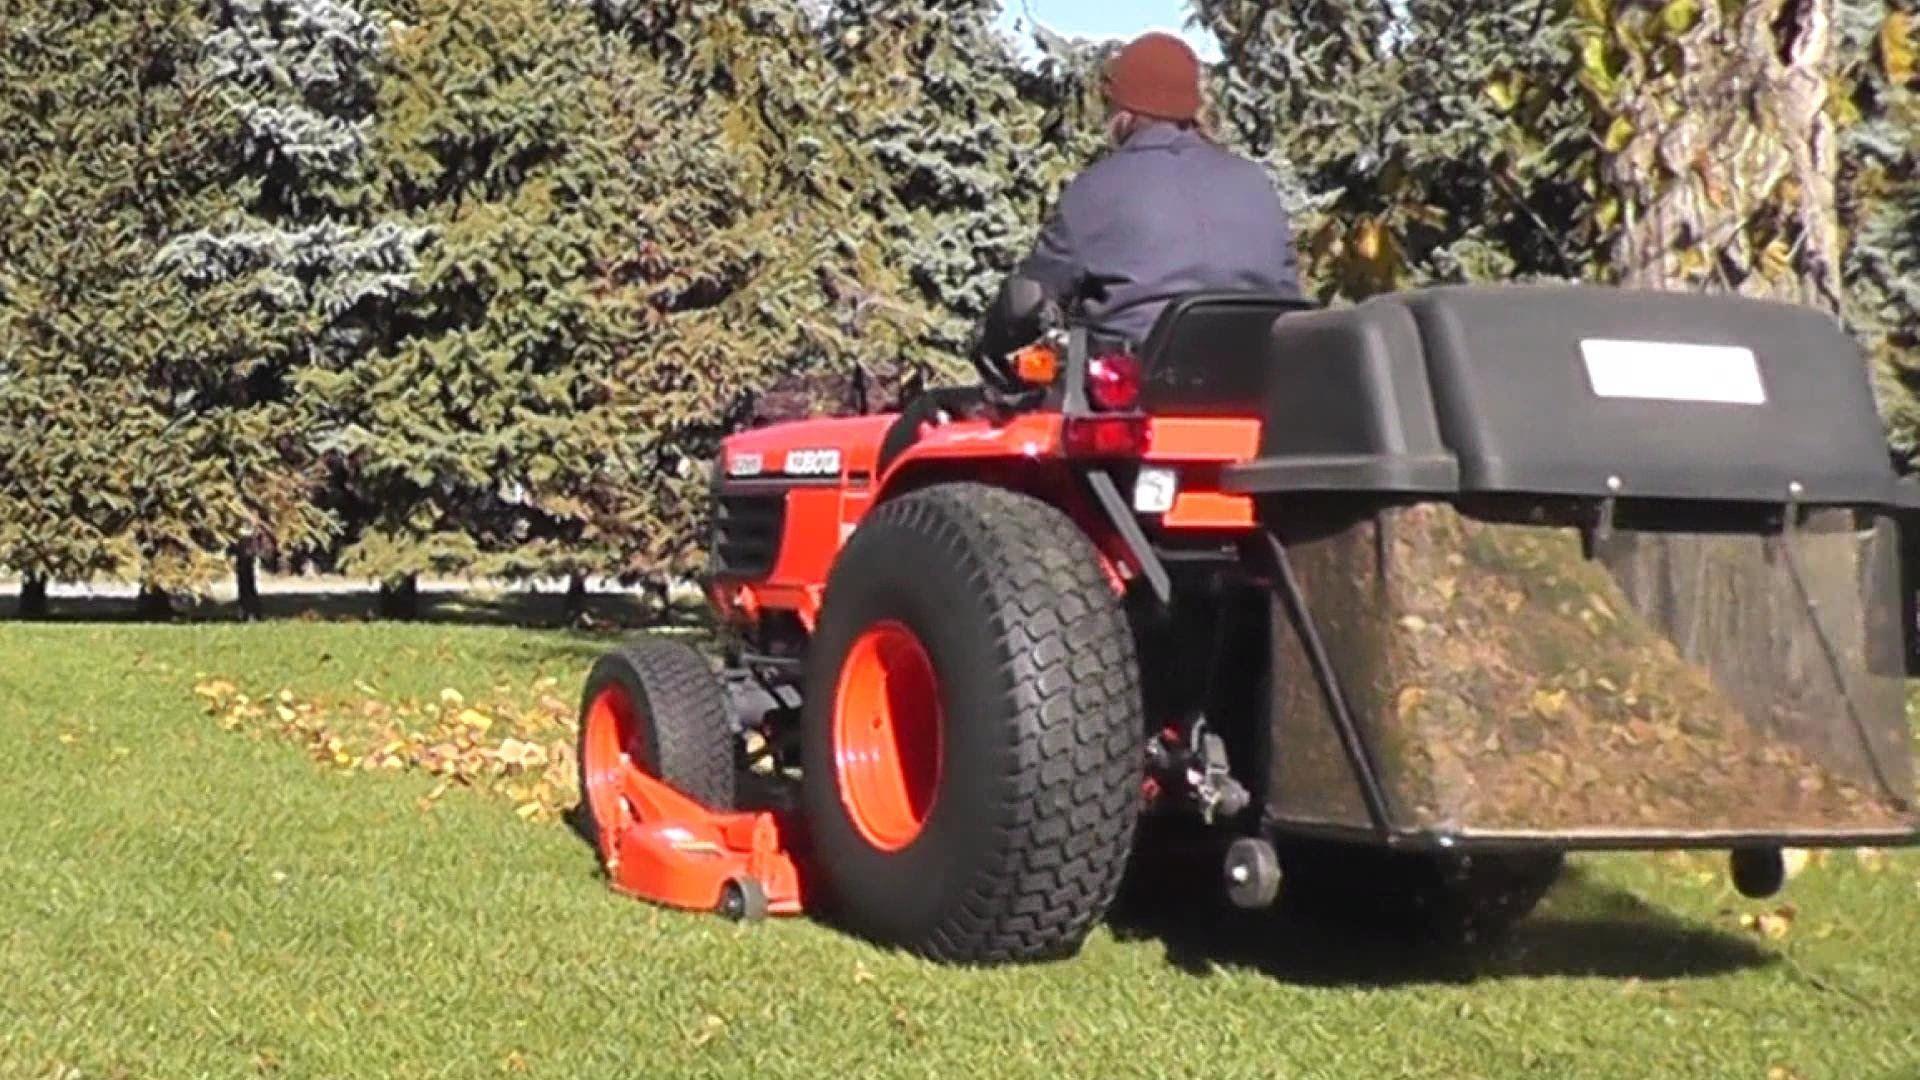 Grass Catcher Mods DIY FAST Install & Dump | gardening